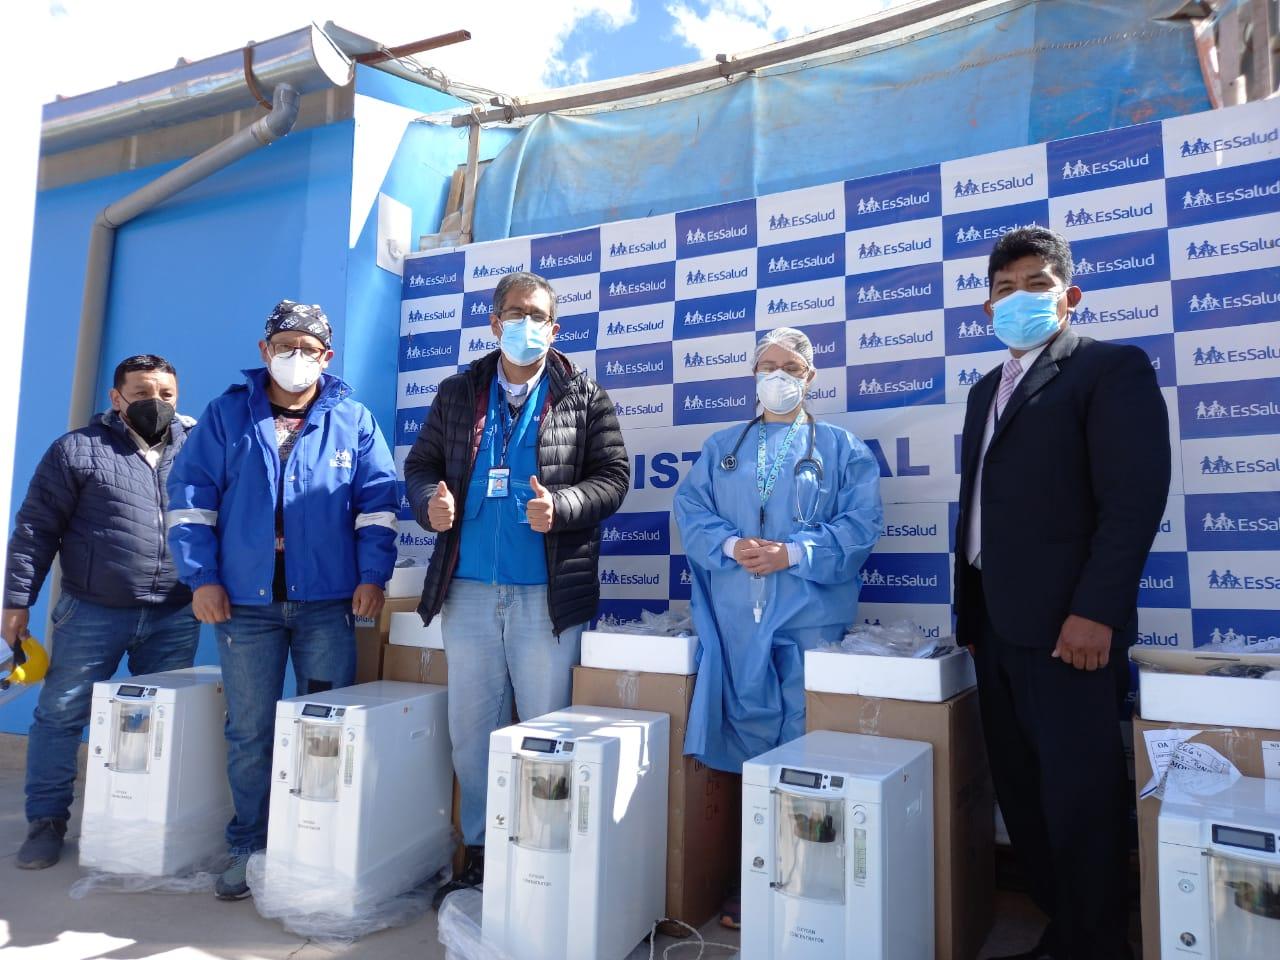 Essalud - EsSalud envió concentradores de oxígeno a Puno para salvar más vidas de pacientes Covid-19